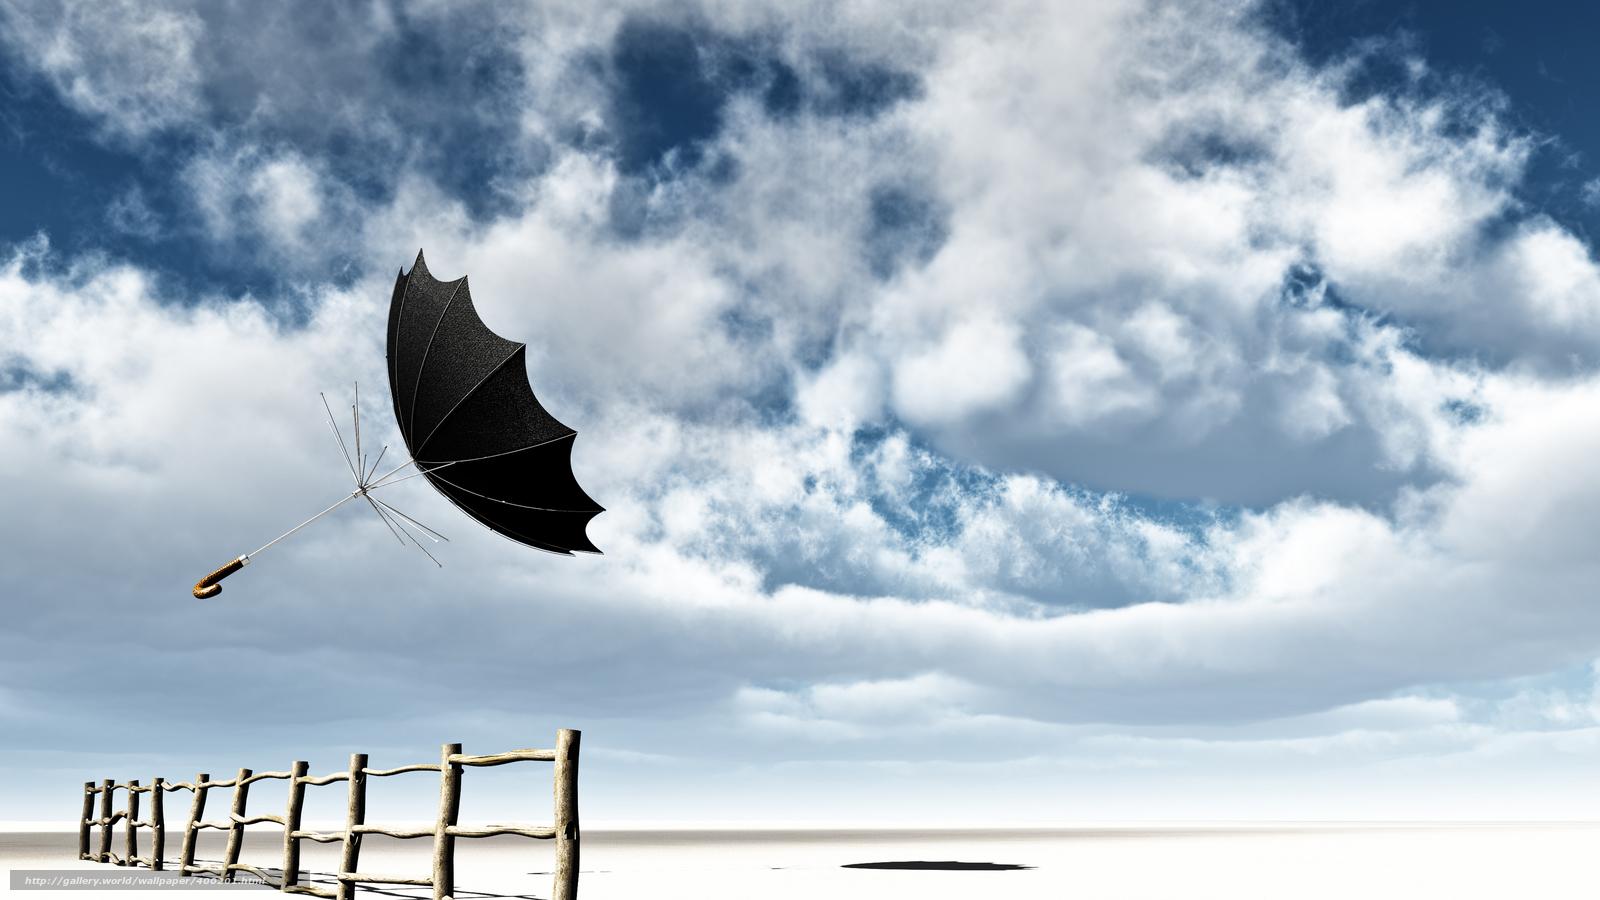 Tlcharger Fond d'ecran ciel,  nuages,  vent,  clture Fonds d'ecran gratuits pour votre rsolution du bureau 7110x3998 — image №400201